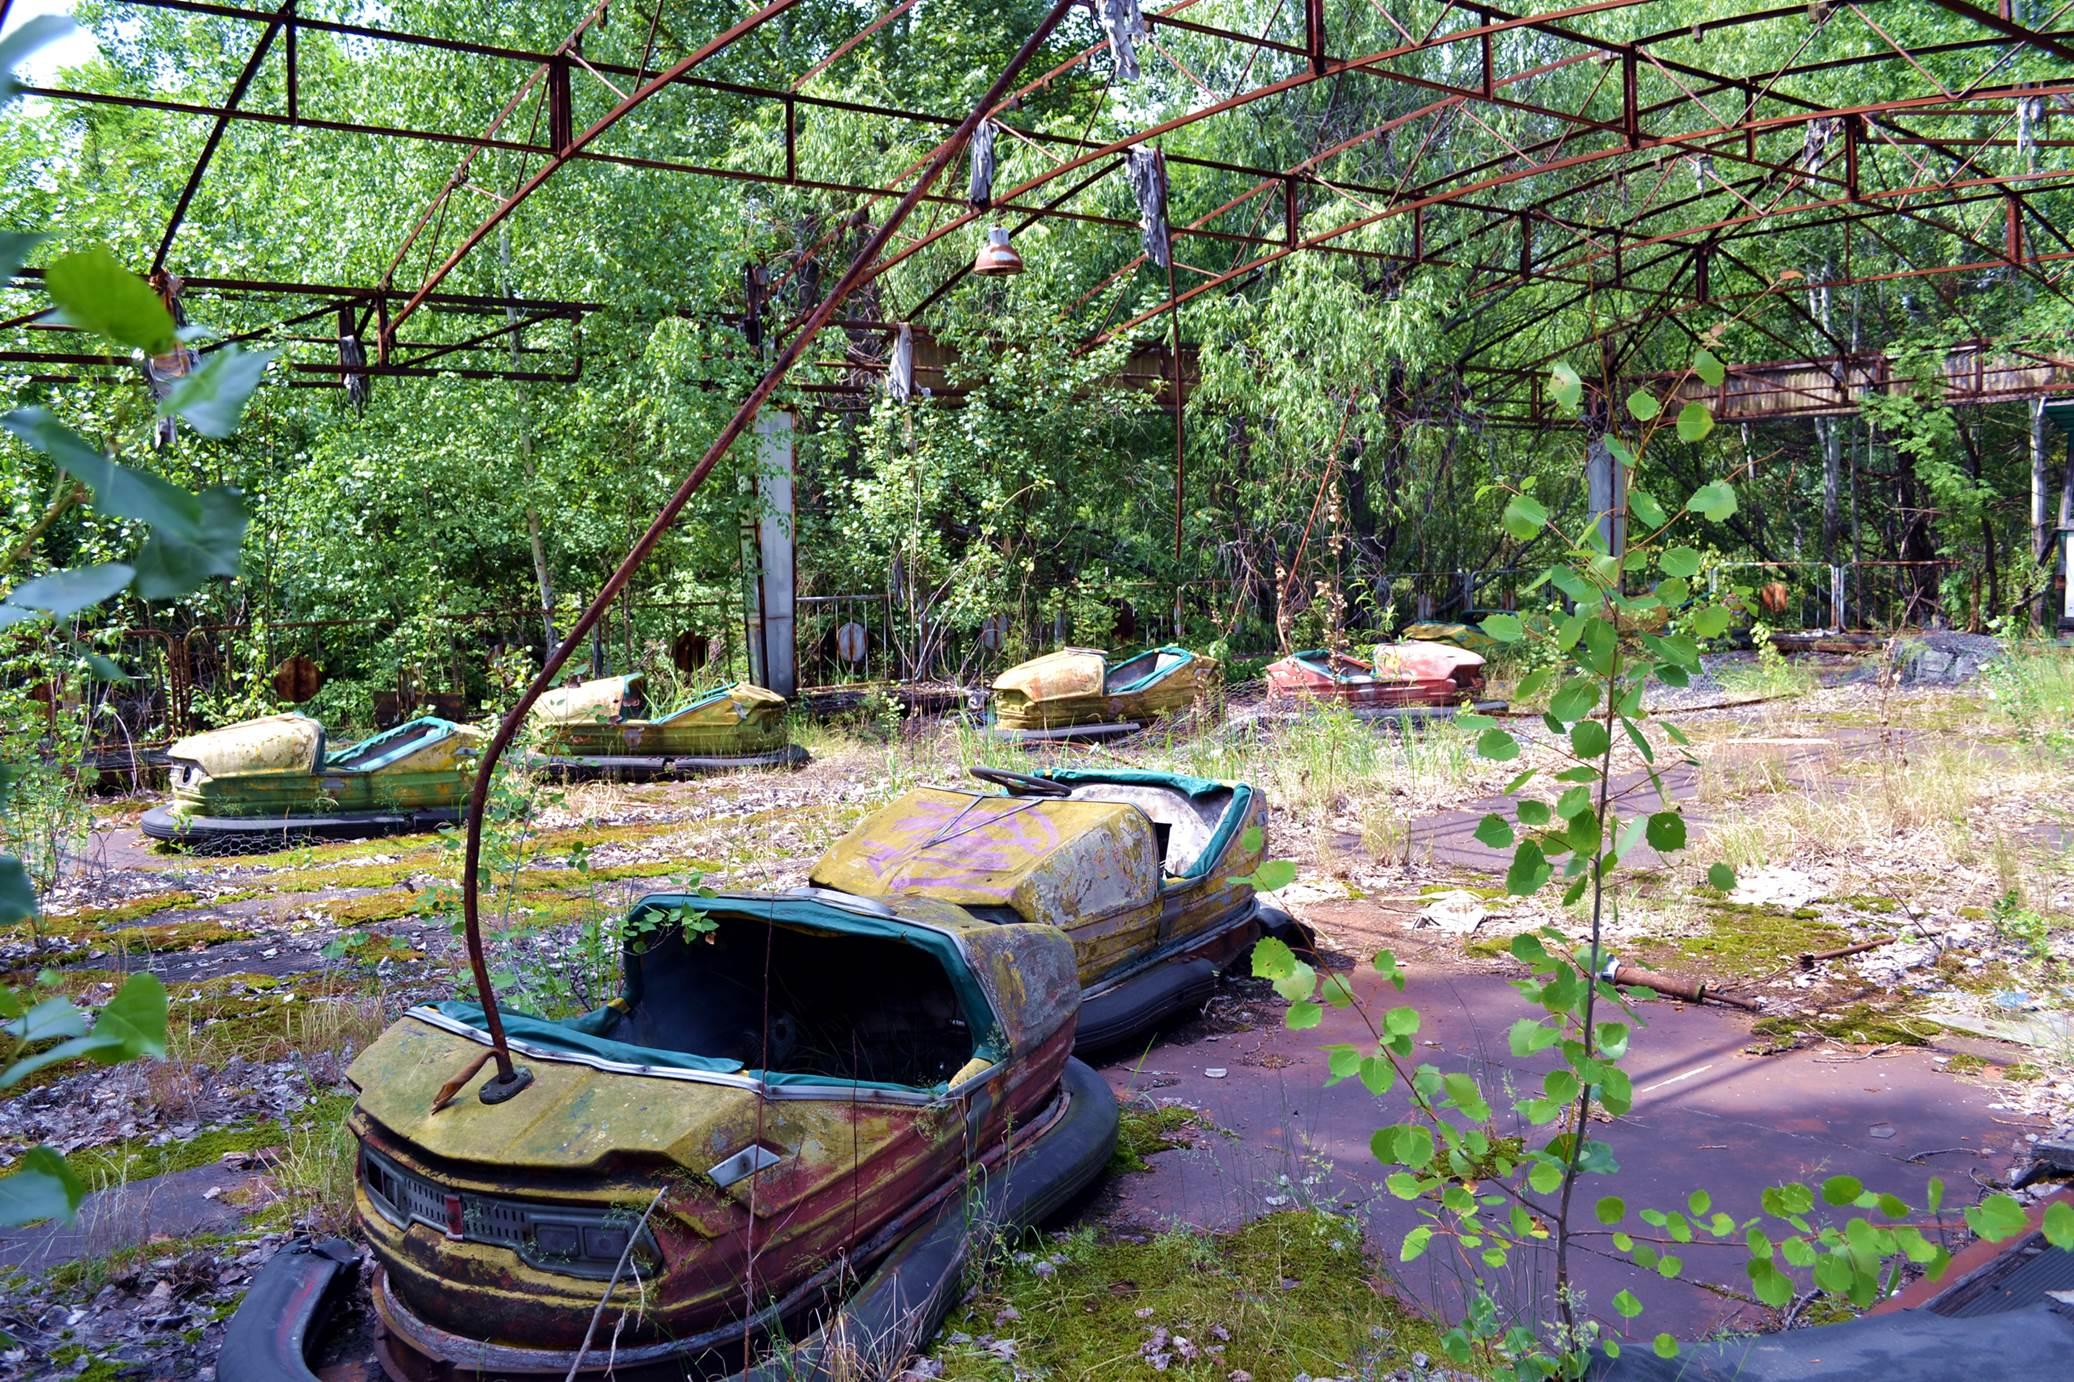 chernobyl_ucrania_pripyat_5